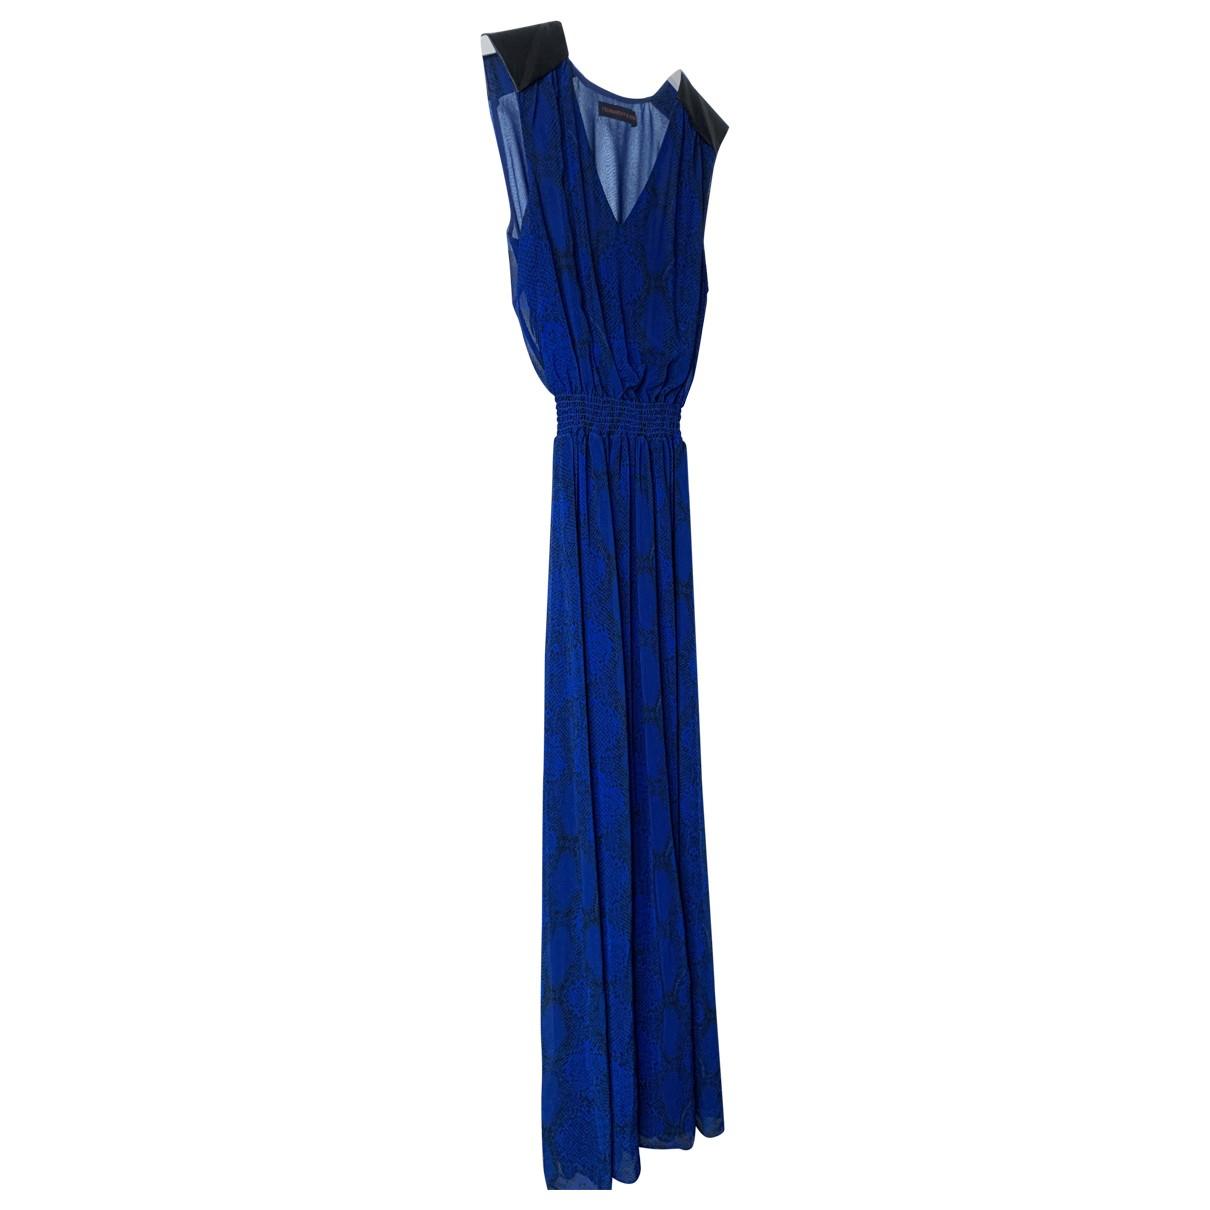 Trussardi Jeans \N Kleid in  Blau Polyester